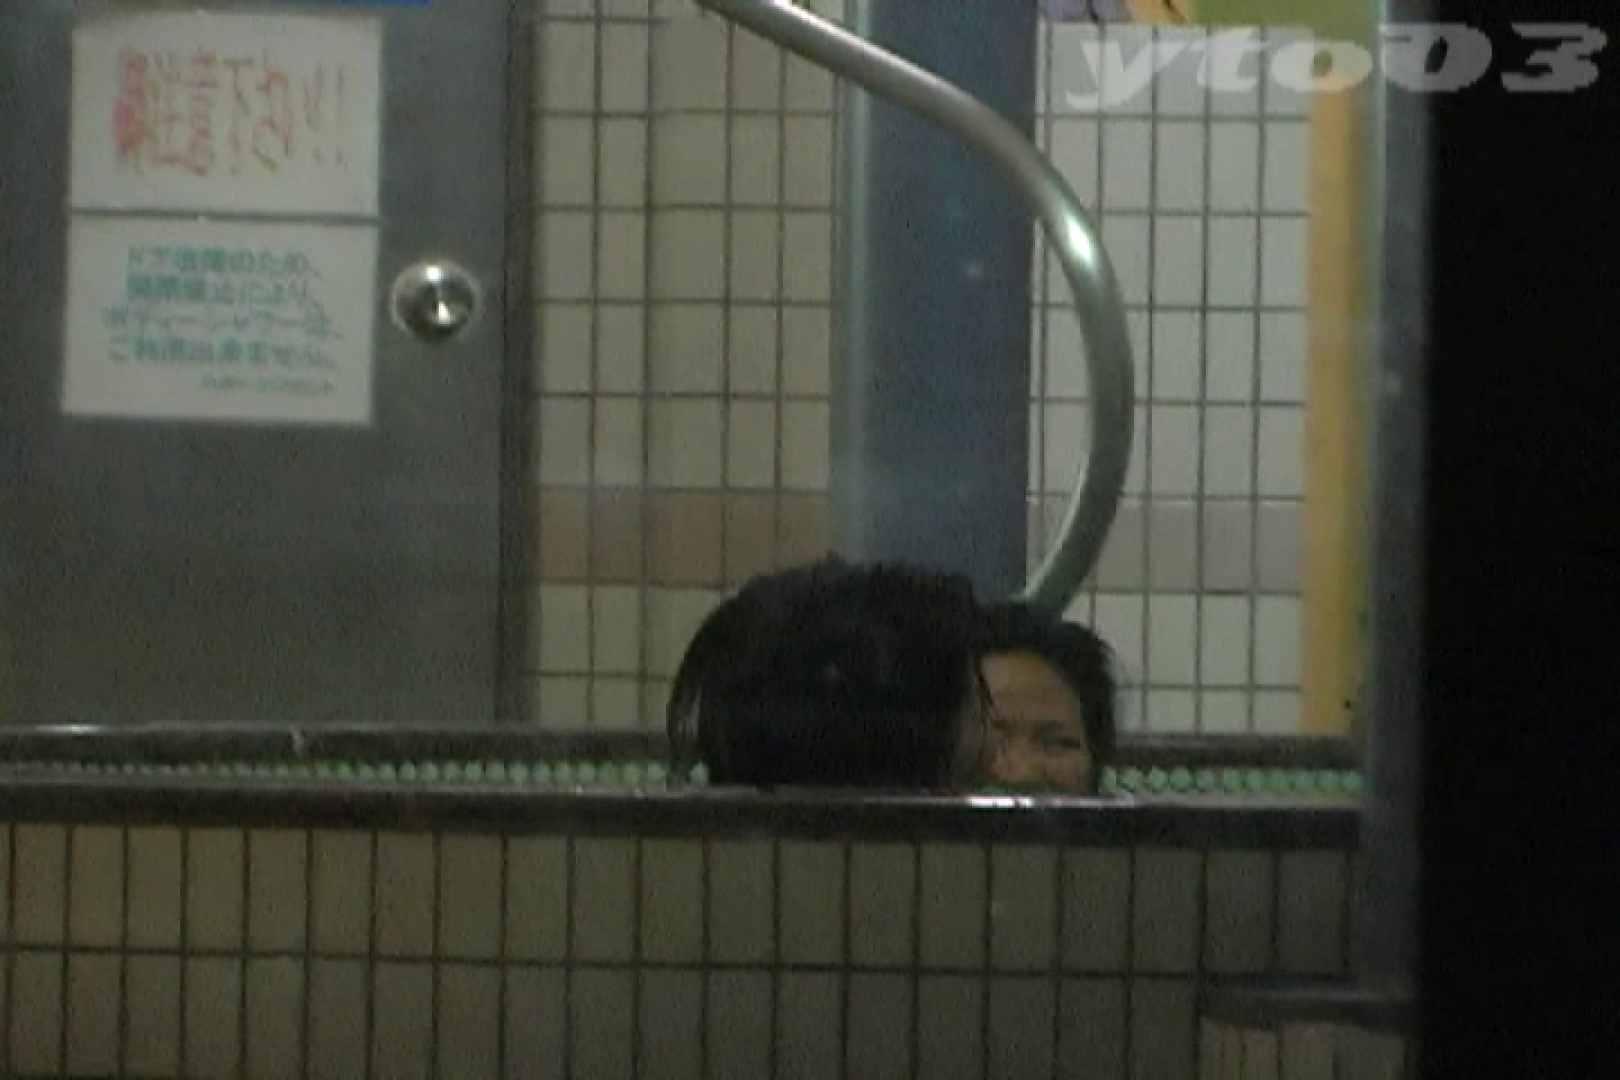 ▲復活限定▲合宿ホテル女風呂盗撮 Vol.21 女風呂 AV無料動画キャプチャ 72PIX 34